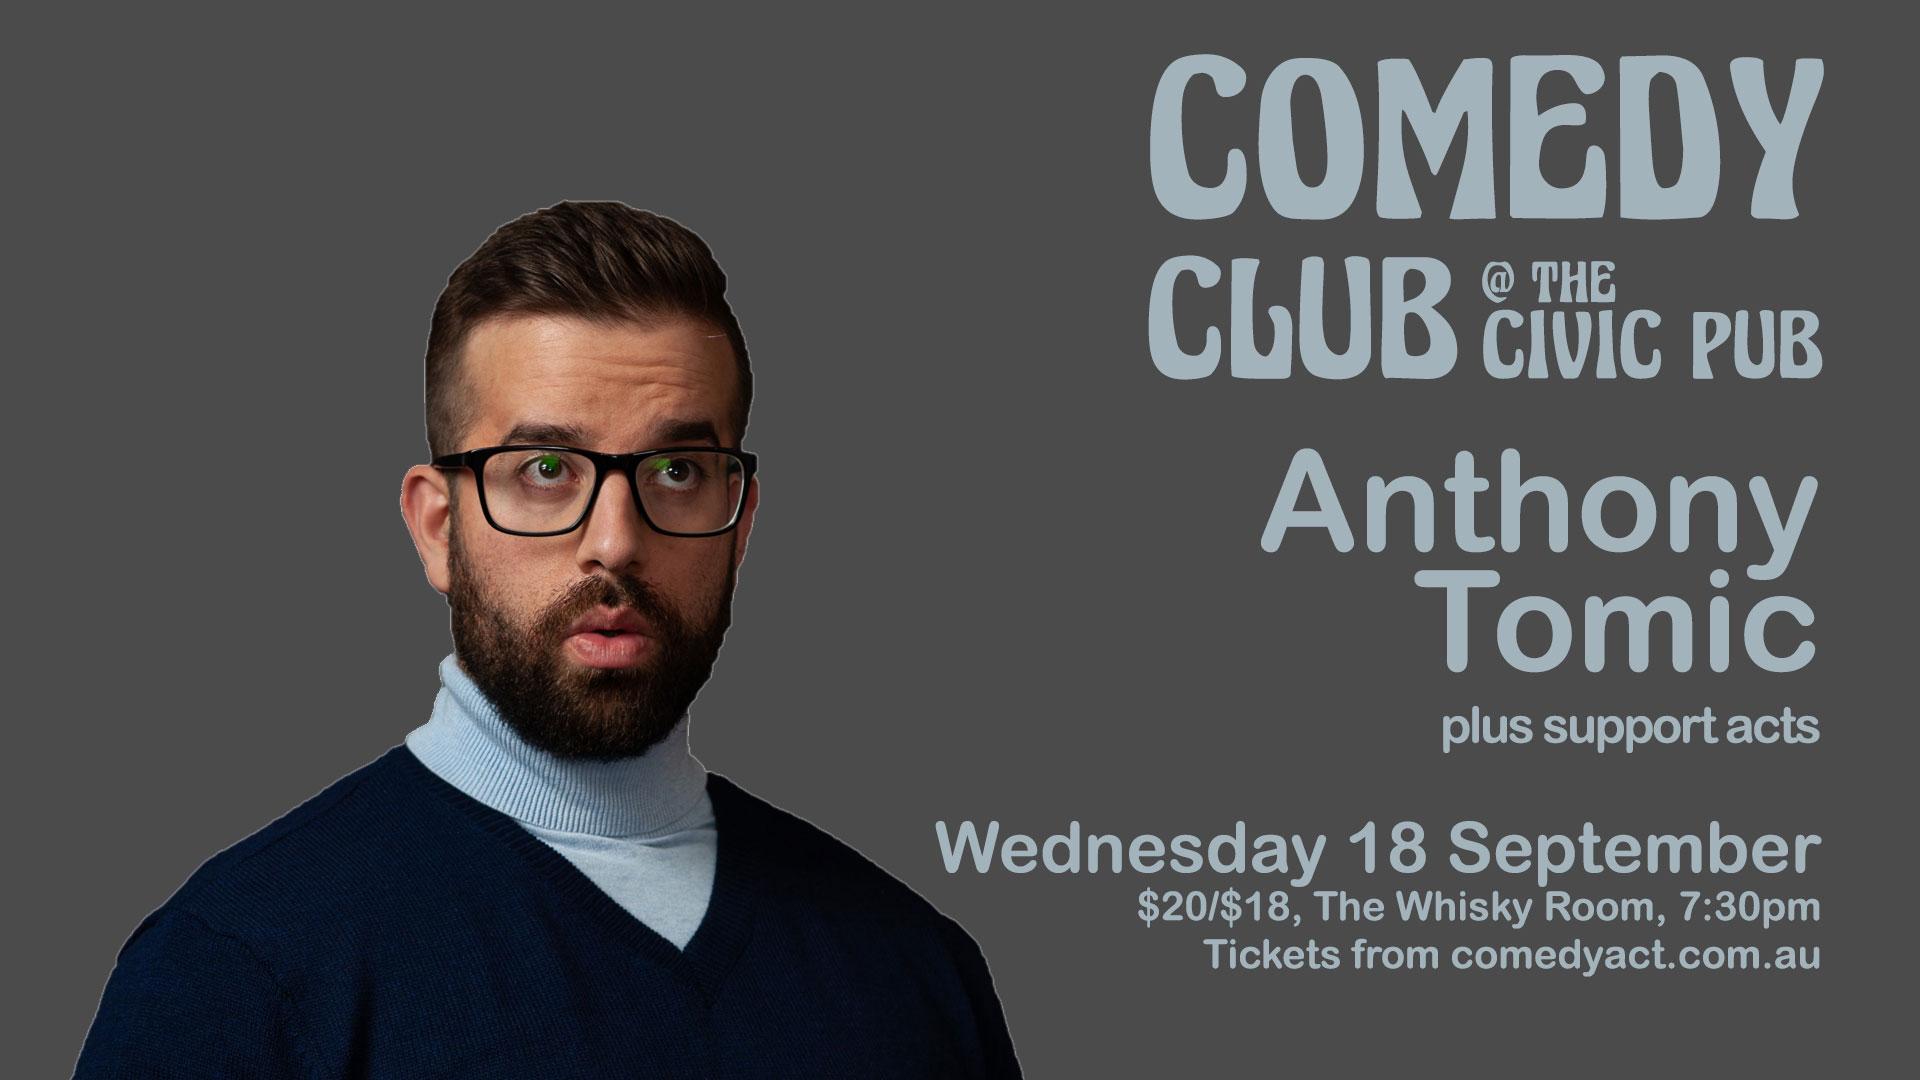 1920x1080_ComedyClub-20190918